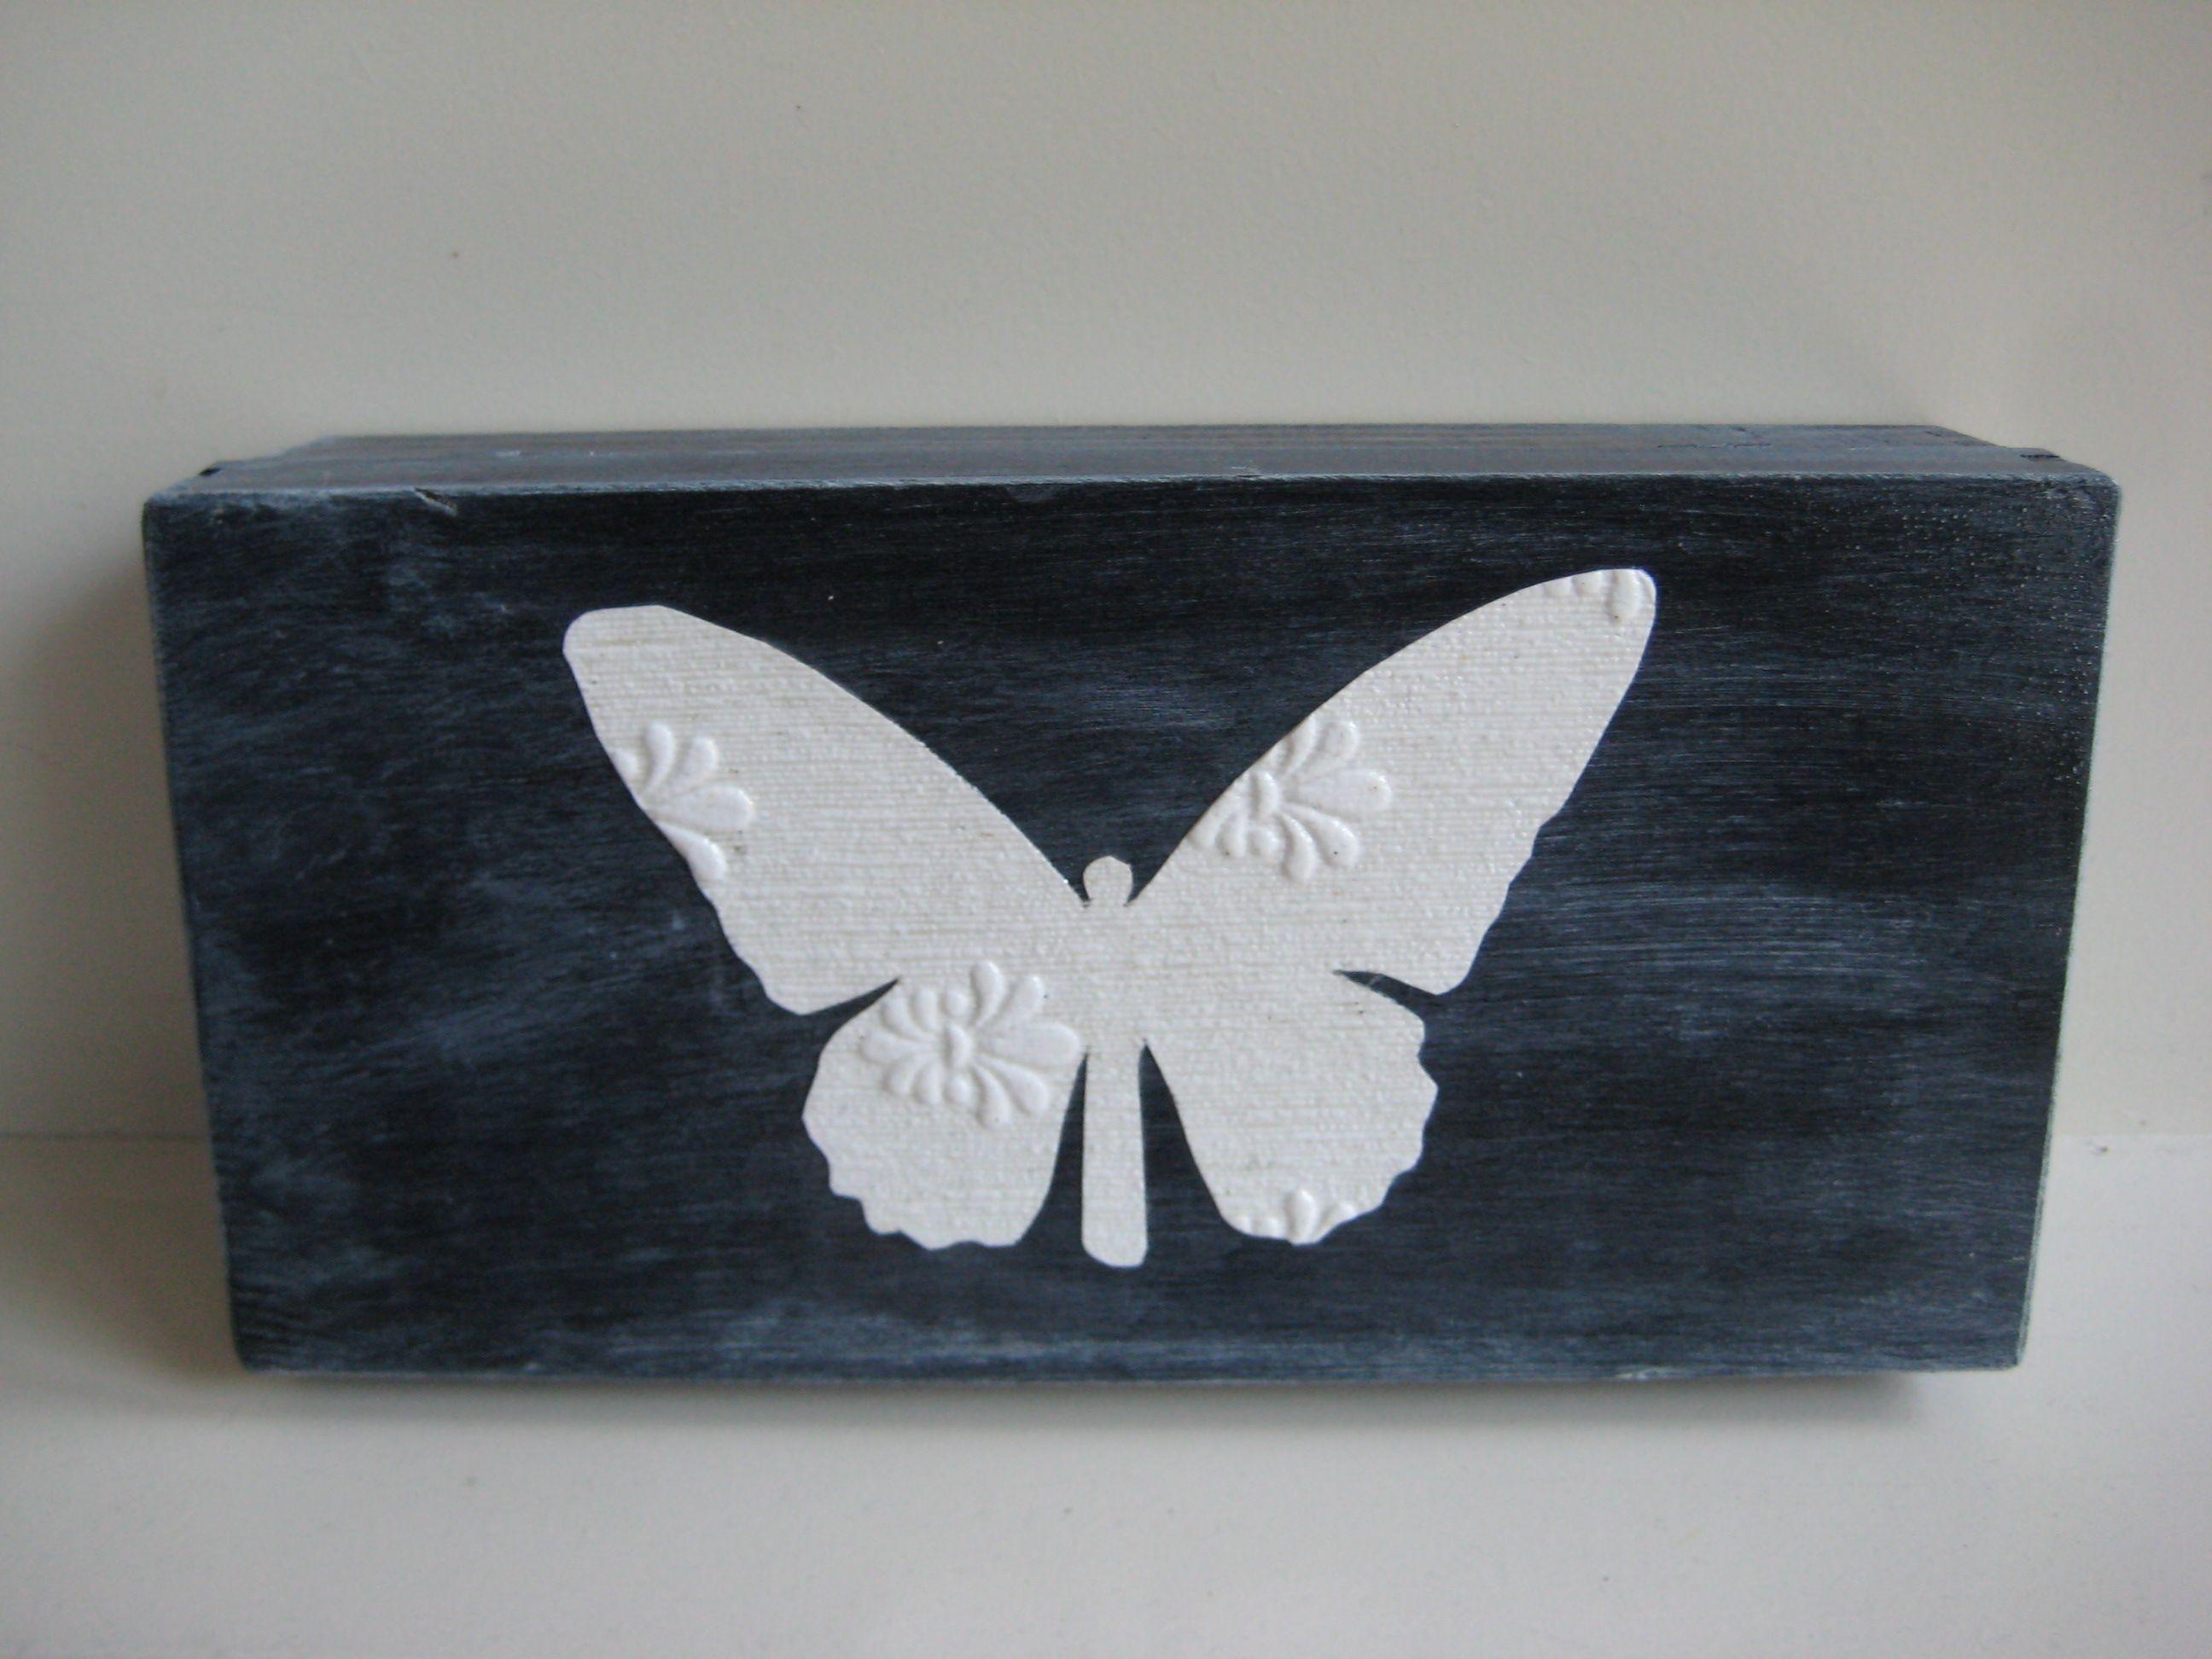 Zwart houten doosje met vlinder (decoupage). Afm. 24,5 x 12 x 5 cm. (voor de liefhebber te koop)